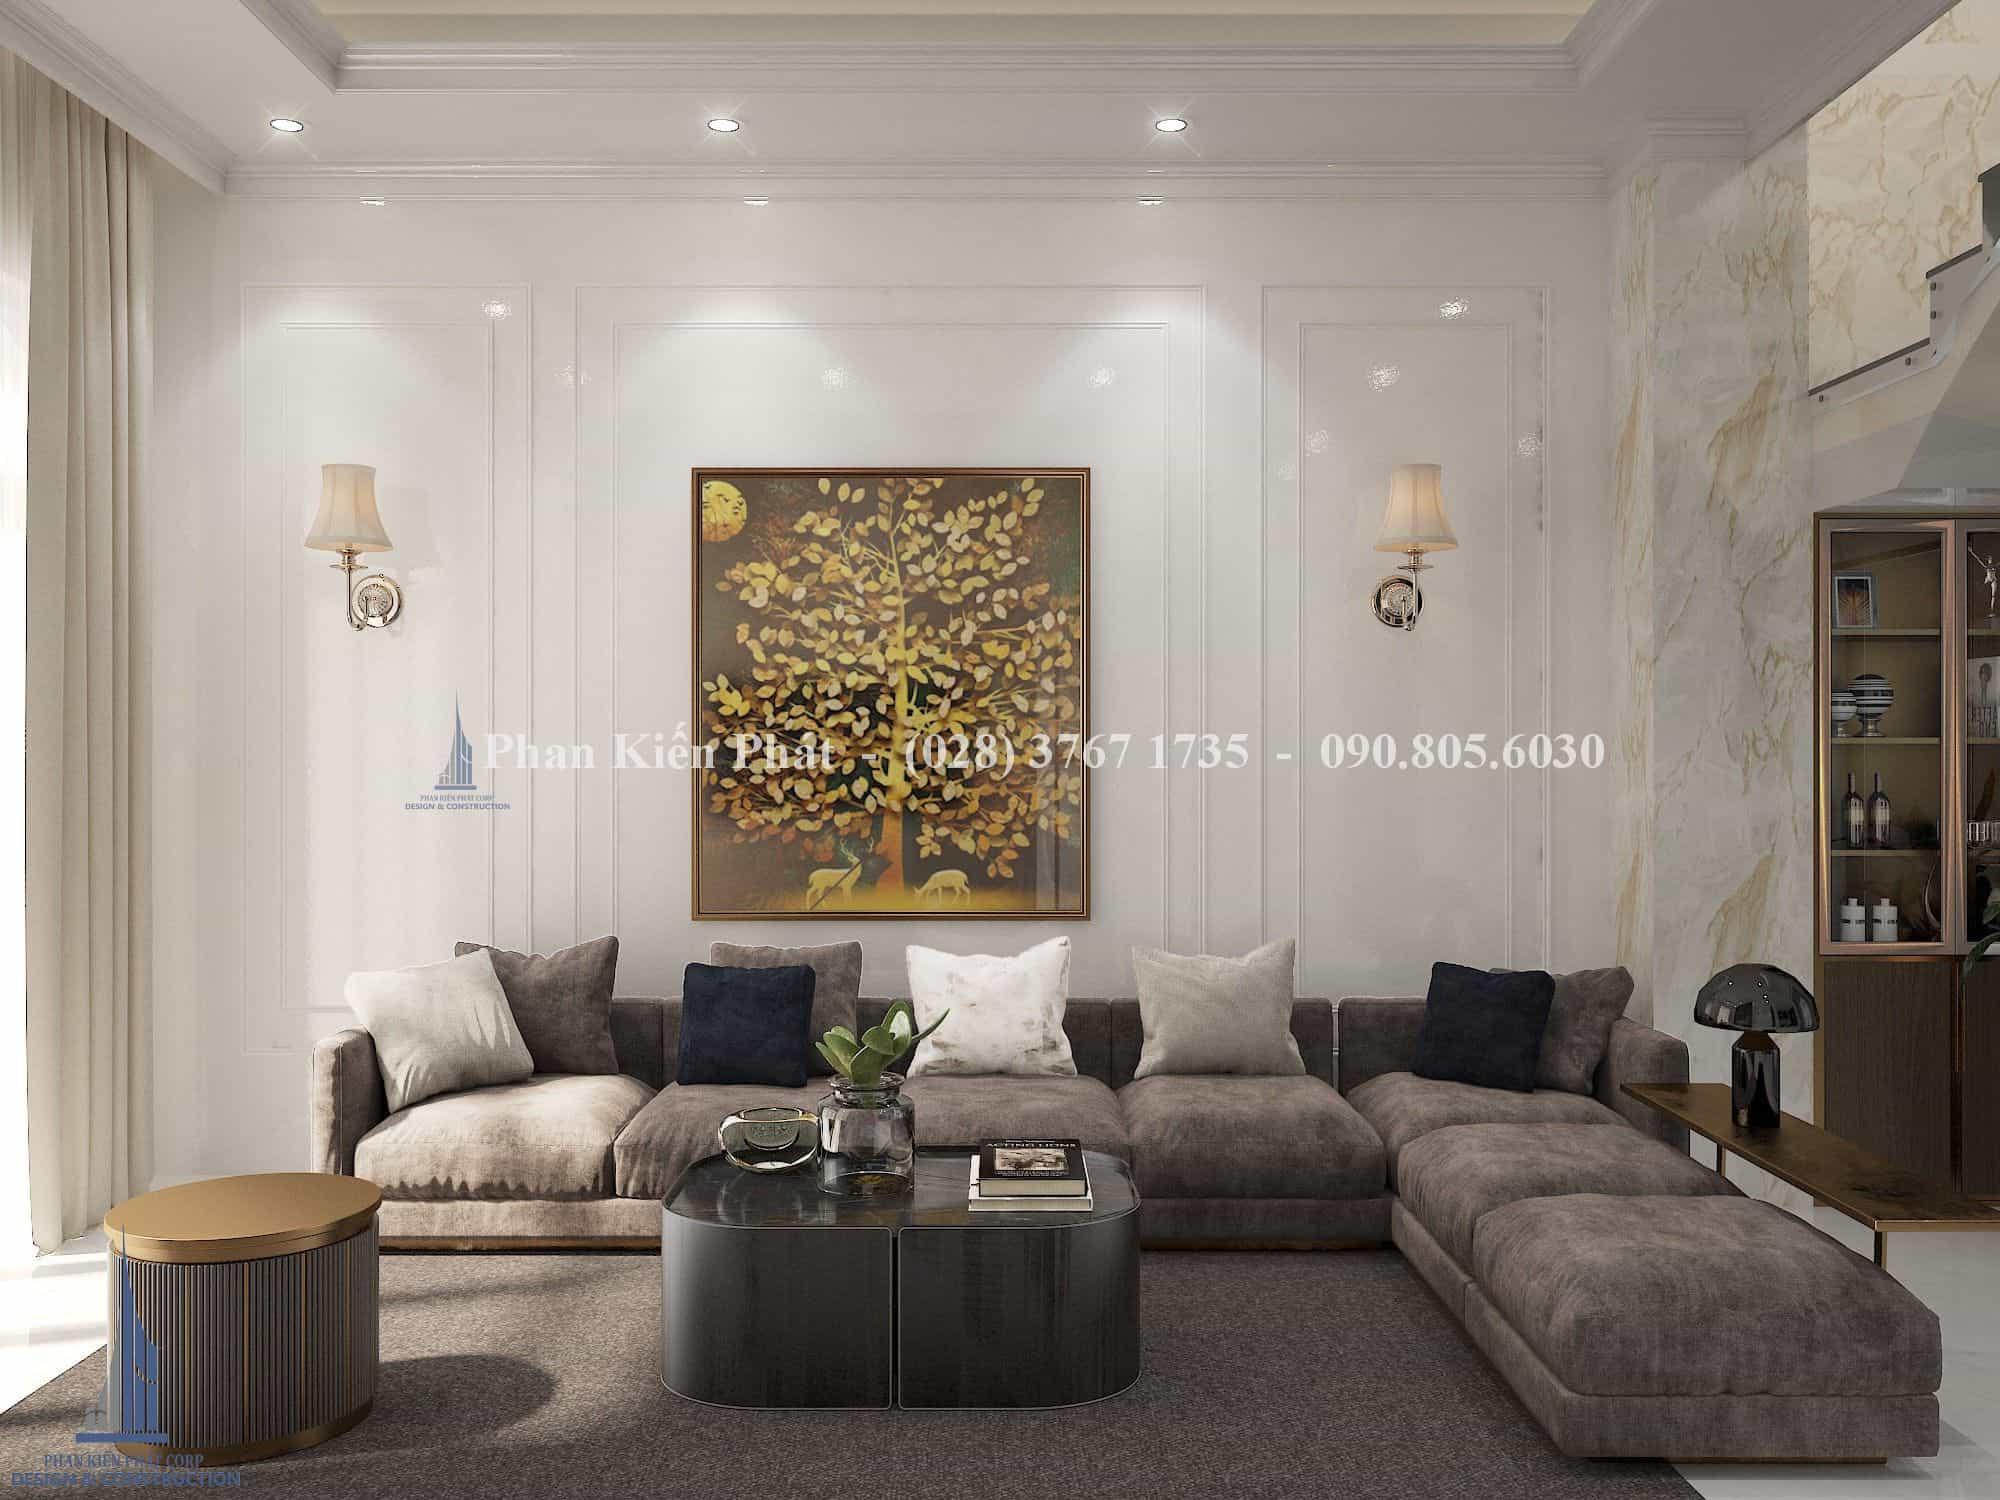 Thiết kế biệt thự mái thái 3 tầng tại Phan Thiết